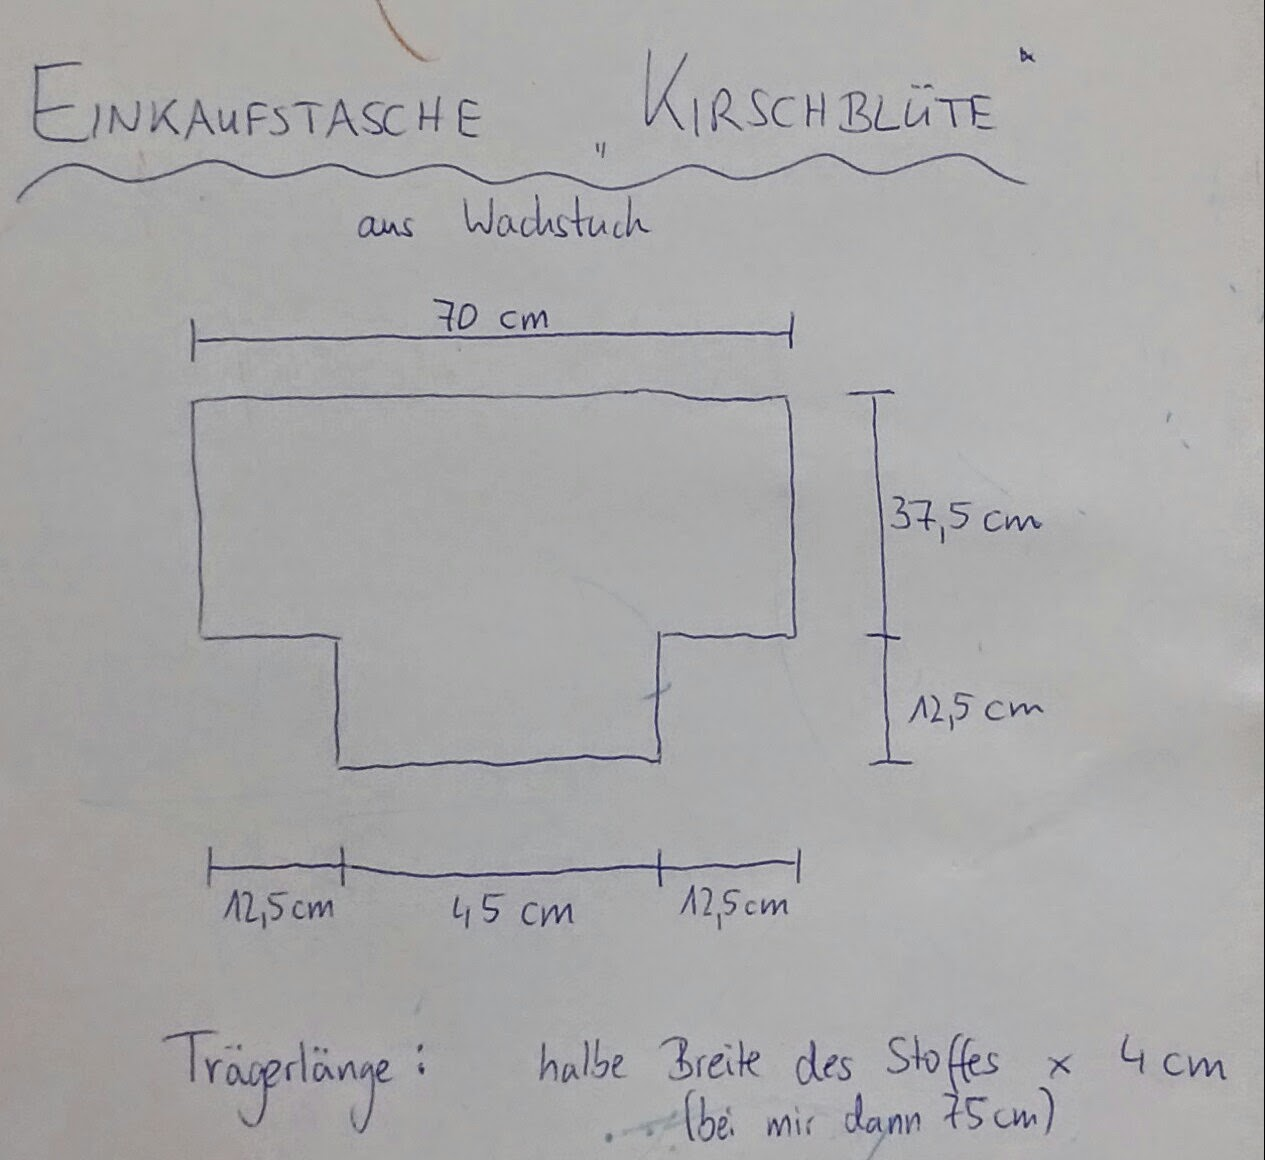 Wunderbar Einkaufstasche Schnittmuster Zeitgenössisch - Nähmuster ...